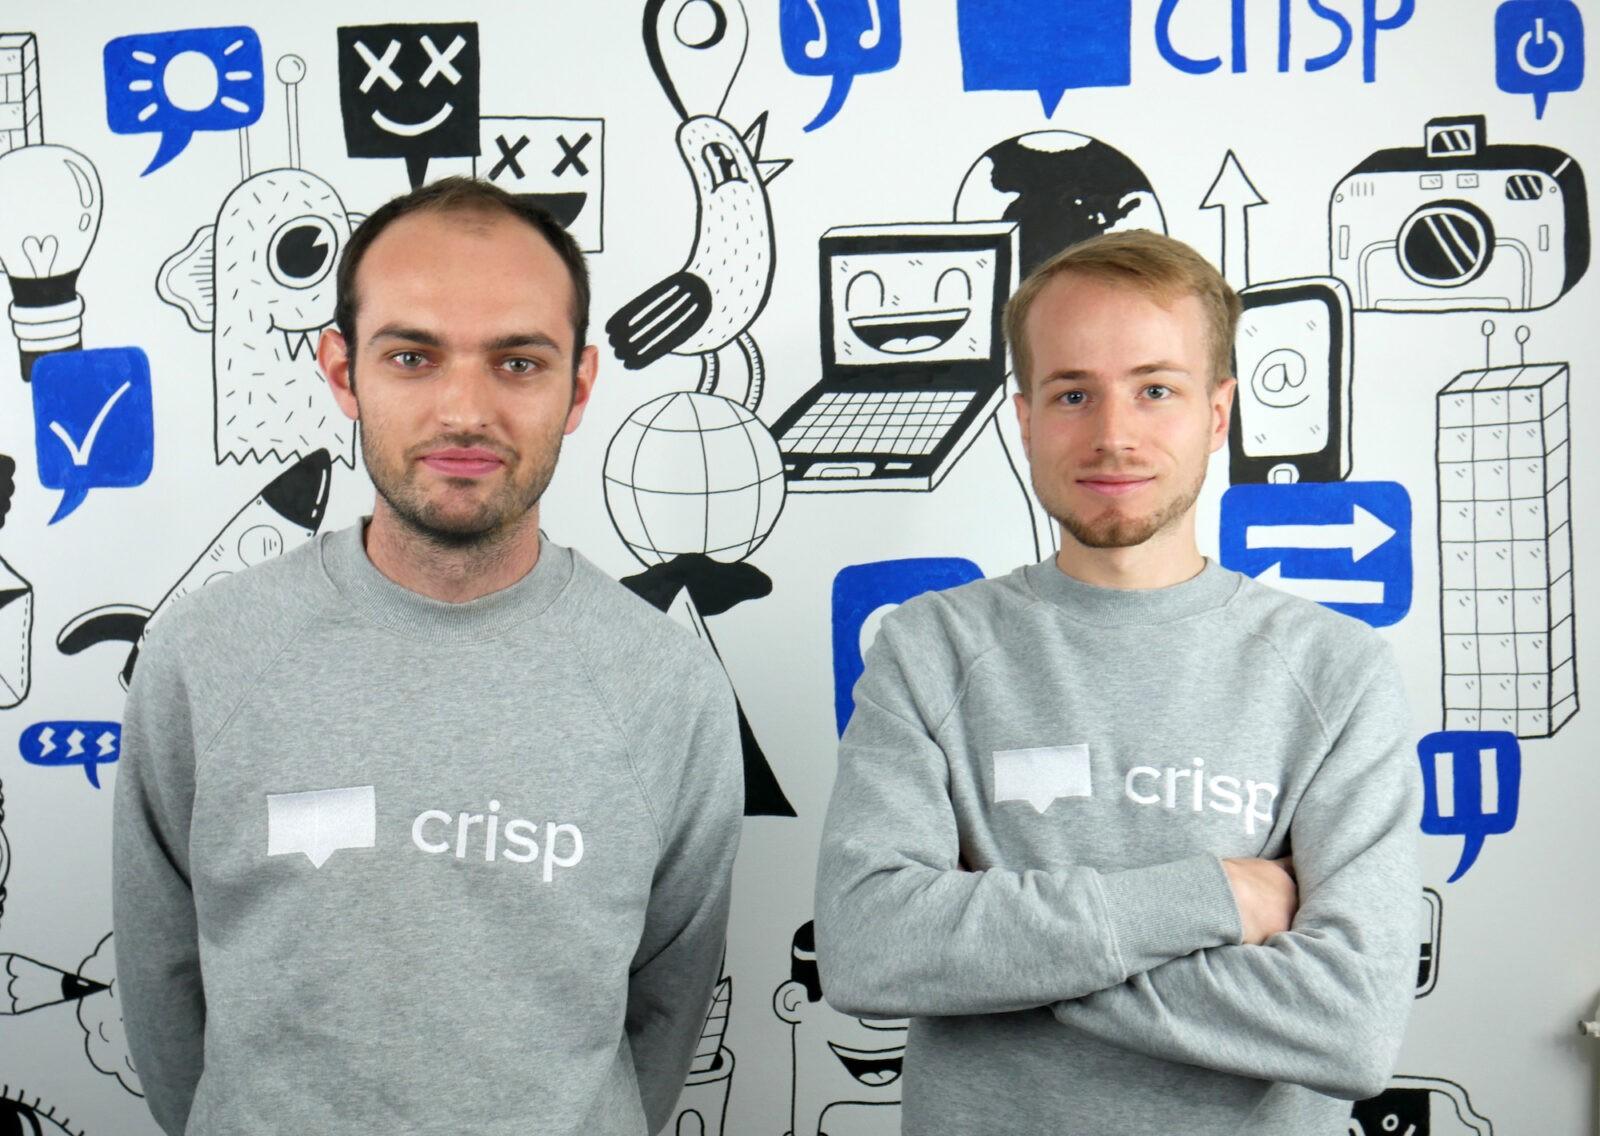 Crisp, la start-up nantaise qui défie l'Amérique